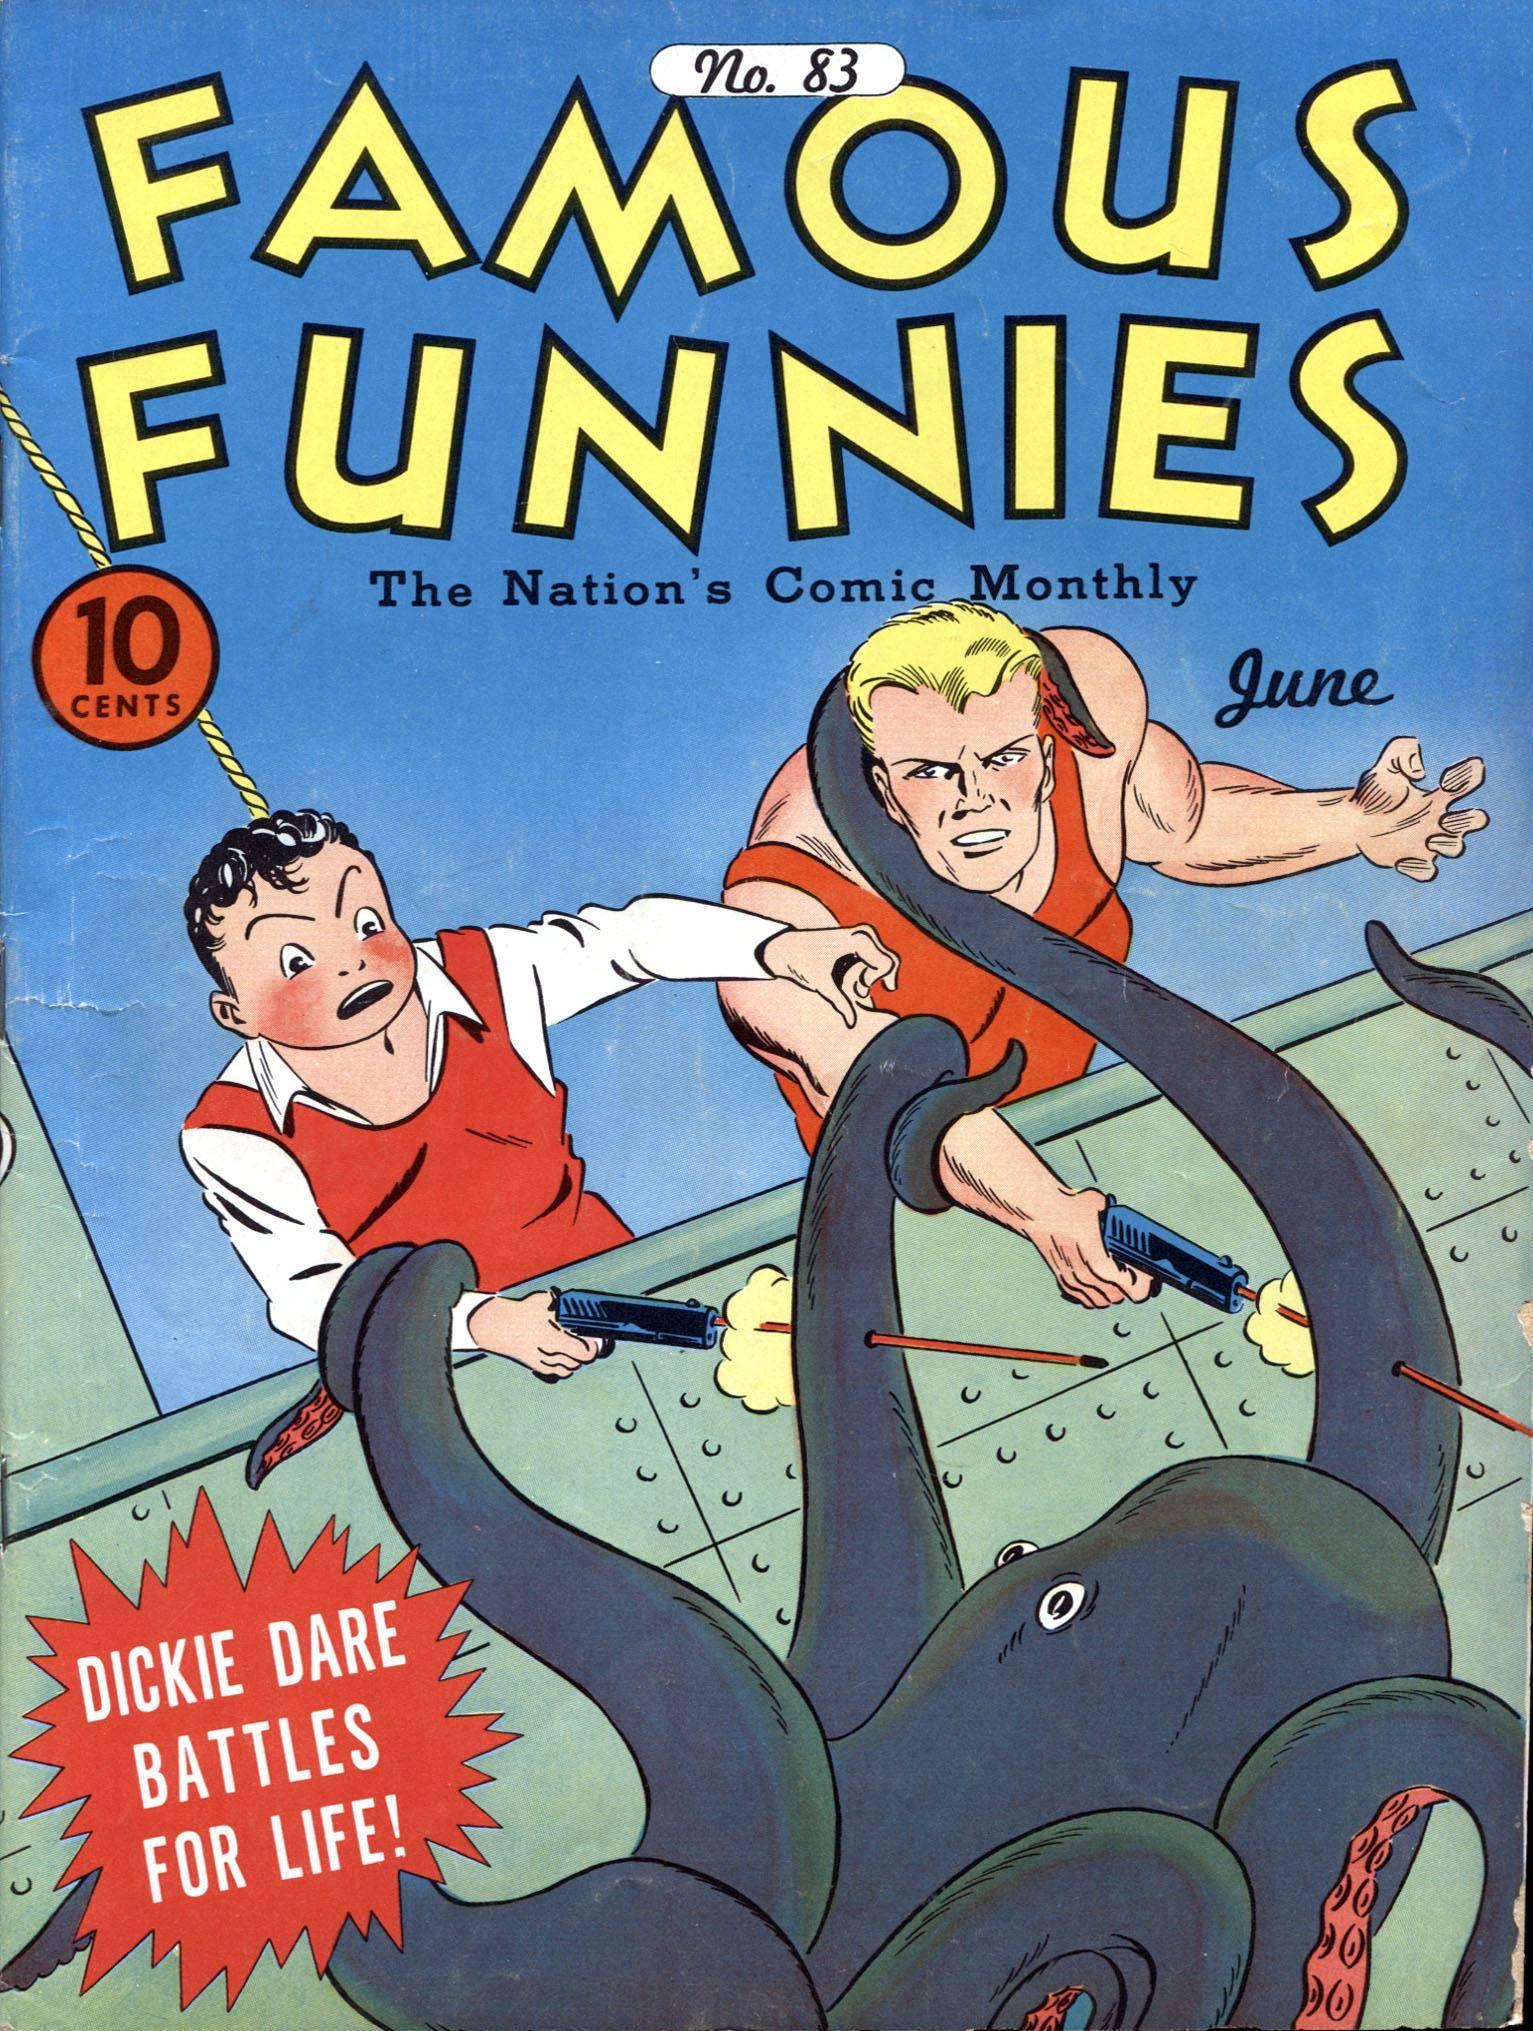 Famous Funnies 083 1941 c2cKaineZ